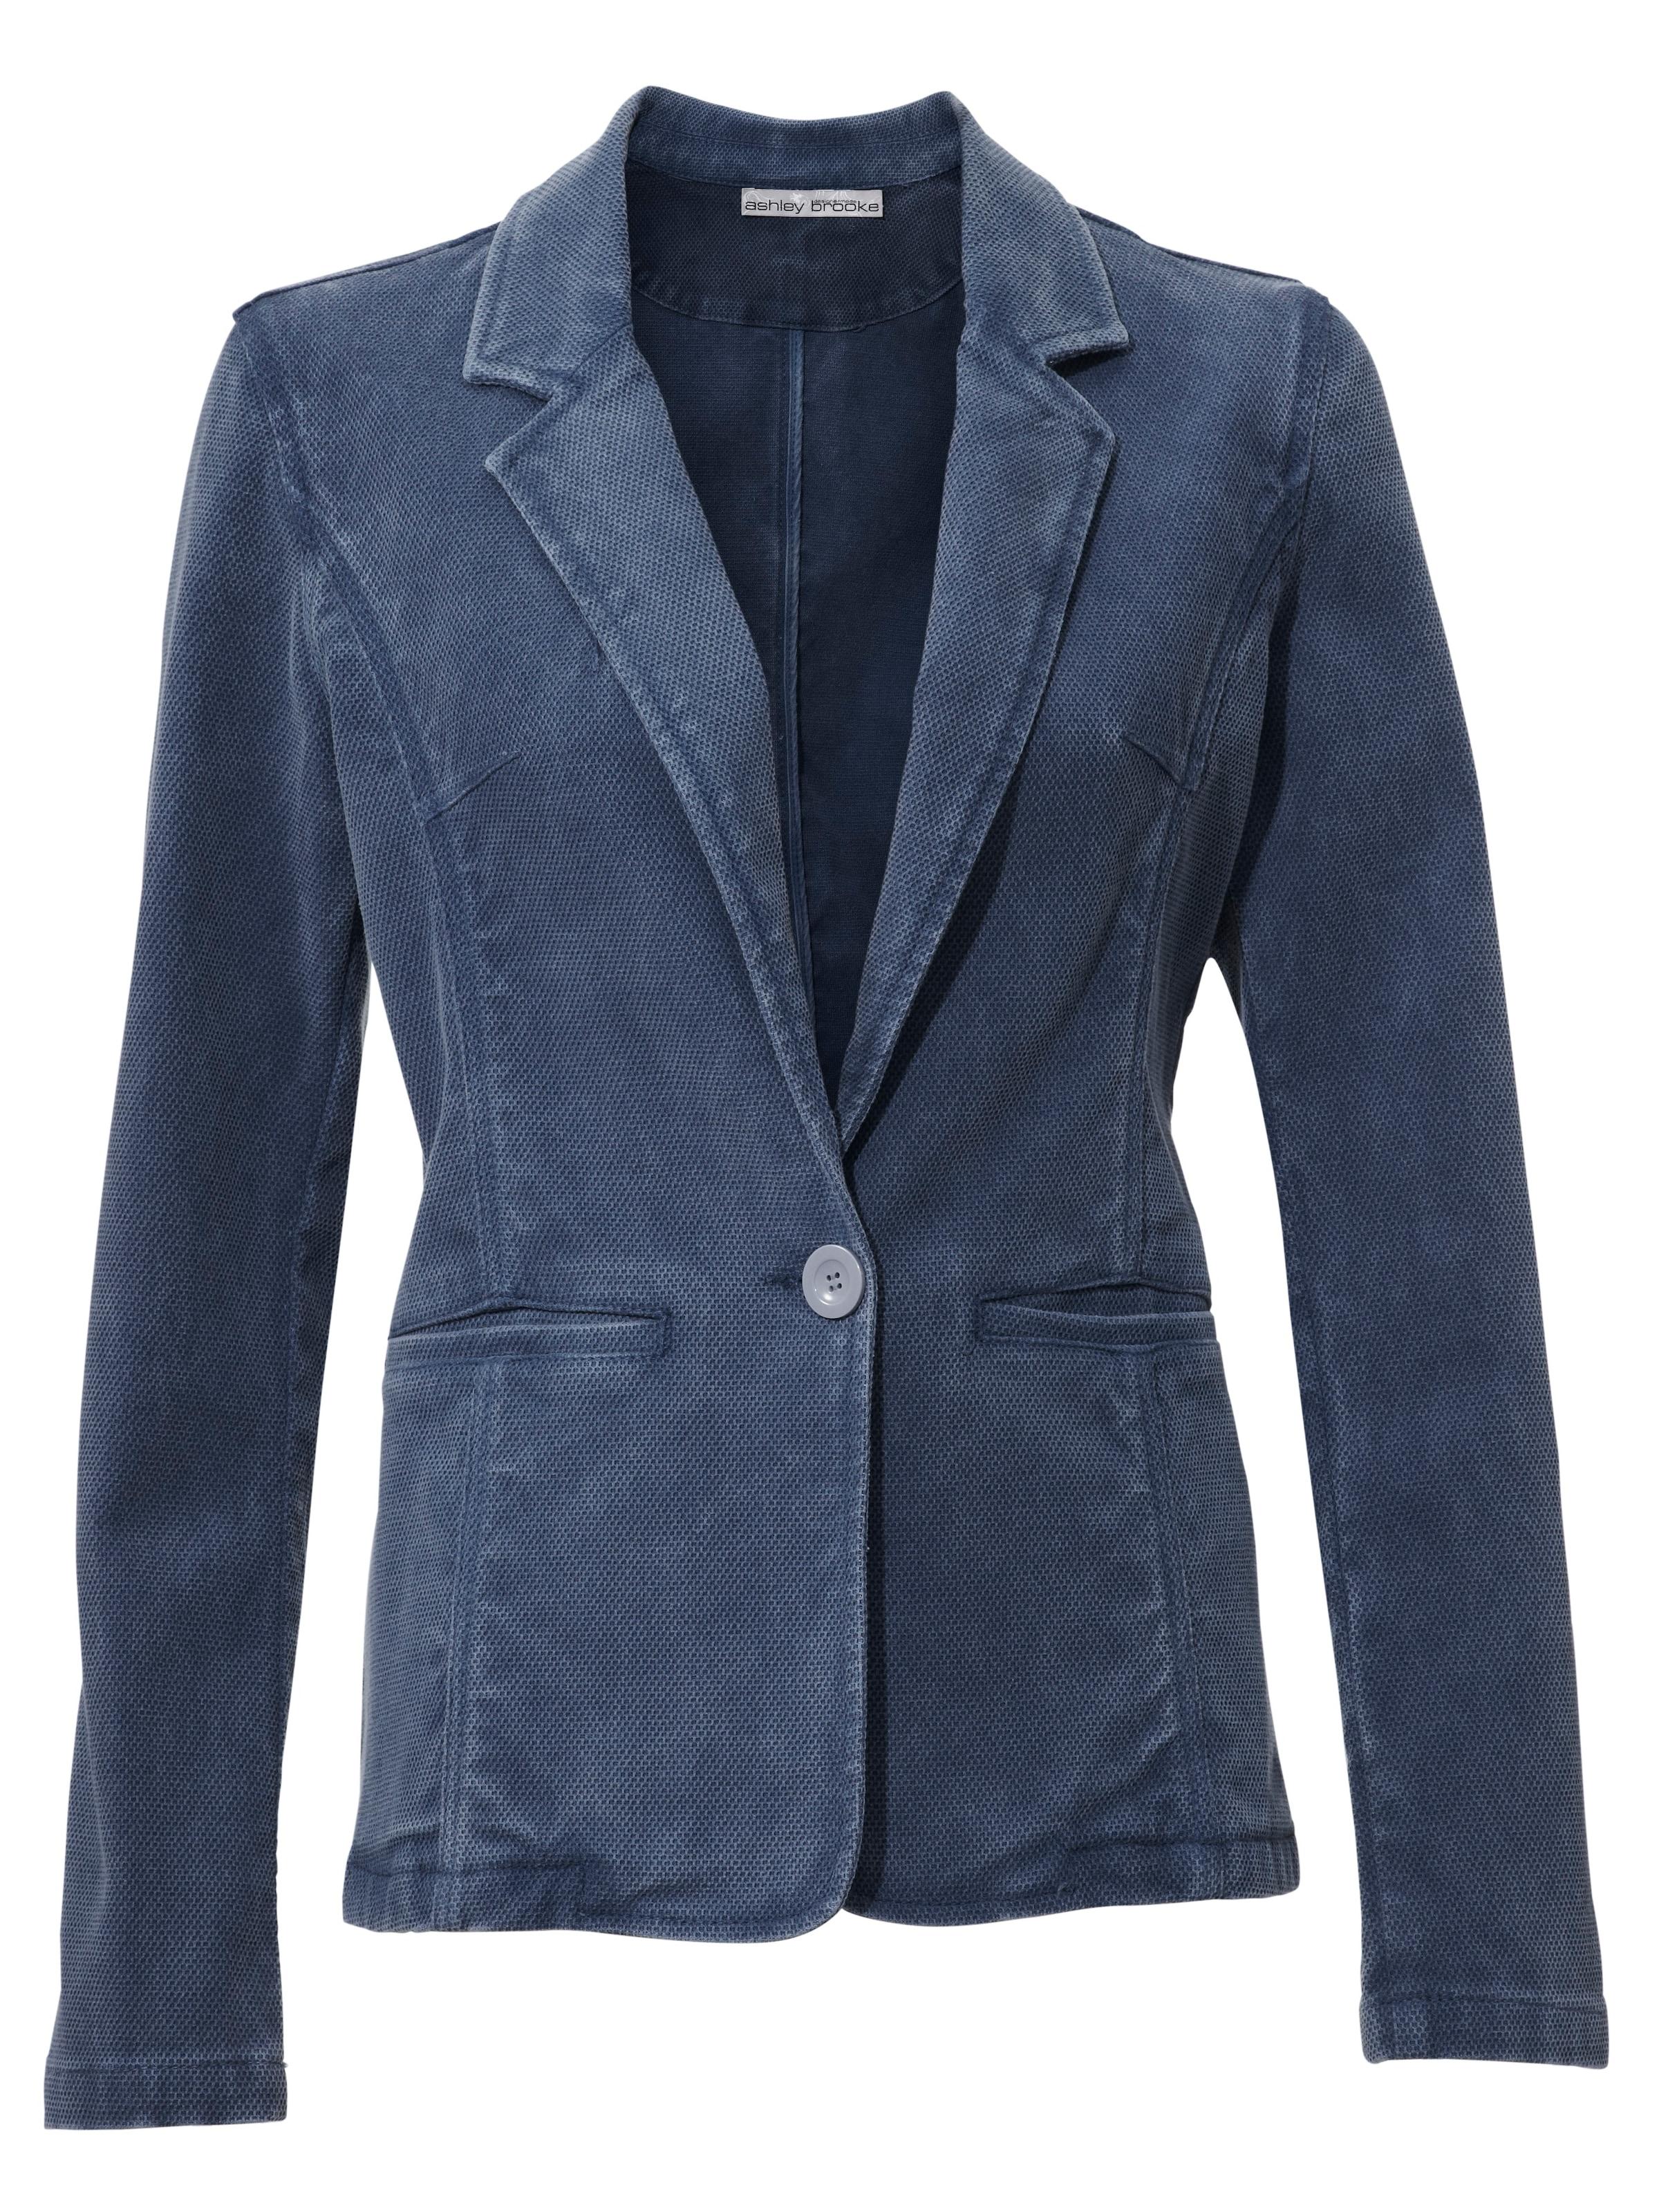 Ashley Brooke by heine Bodyform-Jeansblazer Billig Verkauf Visum Zahlung Günstig Kaufen Suche Rabatt Erstaunlicher Preis 4V2vxV